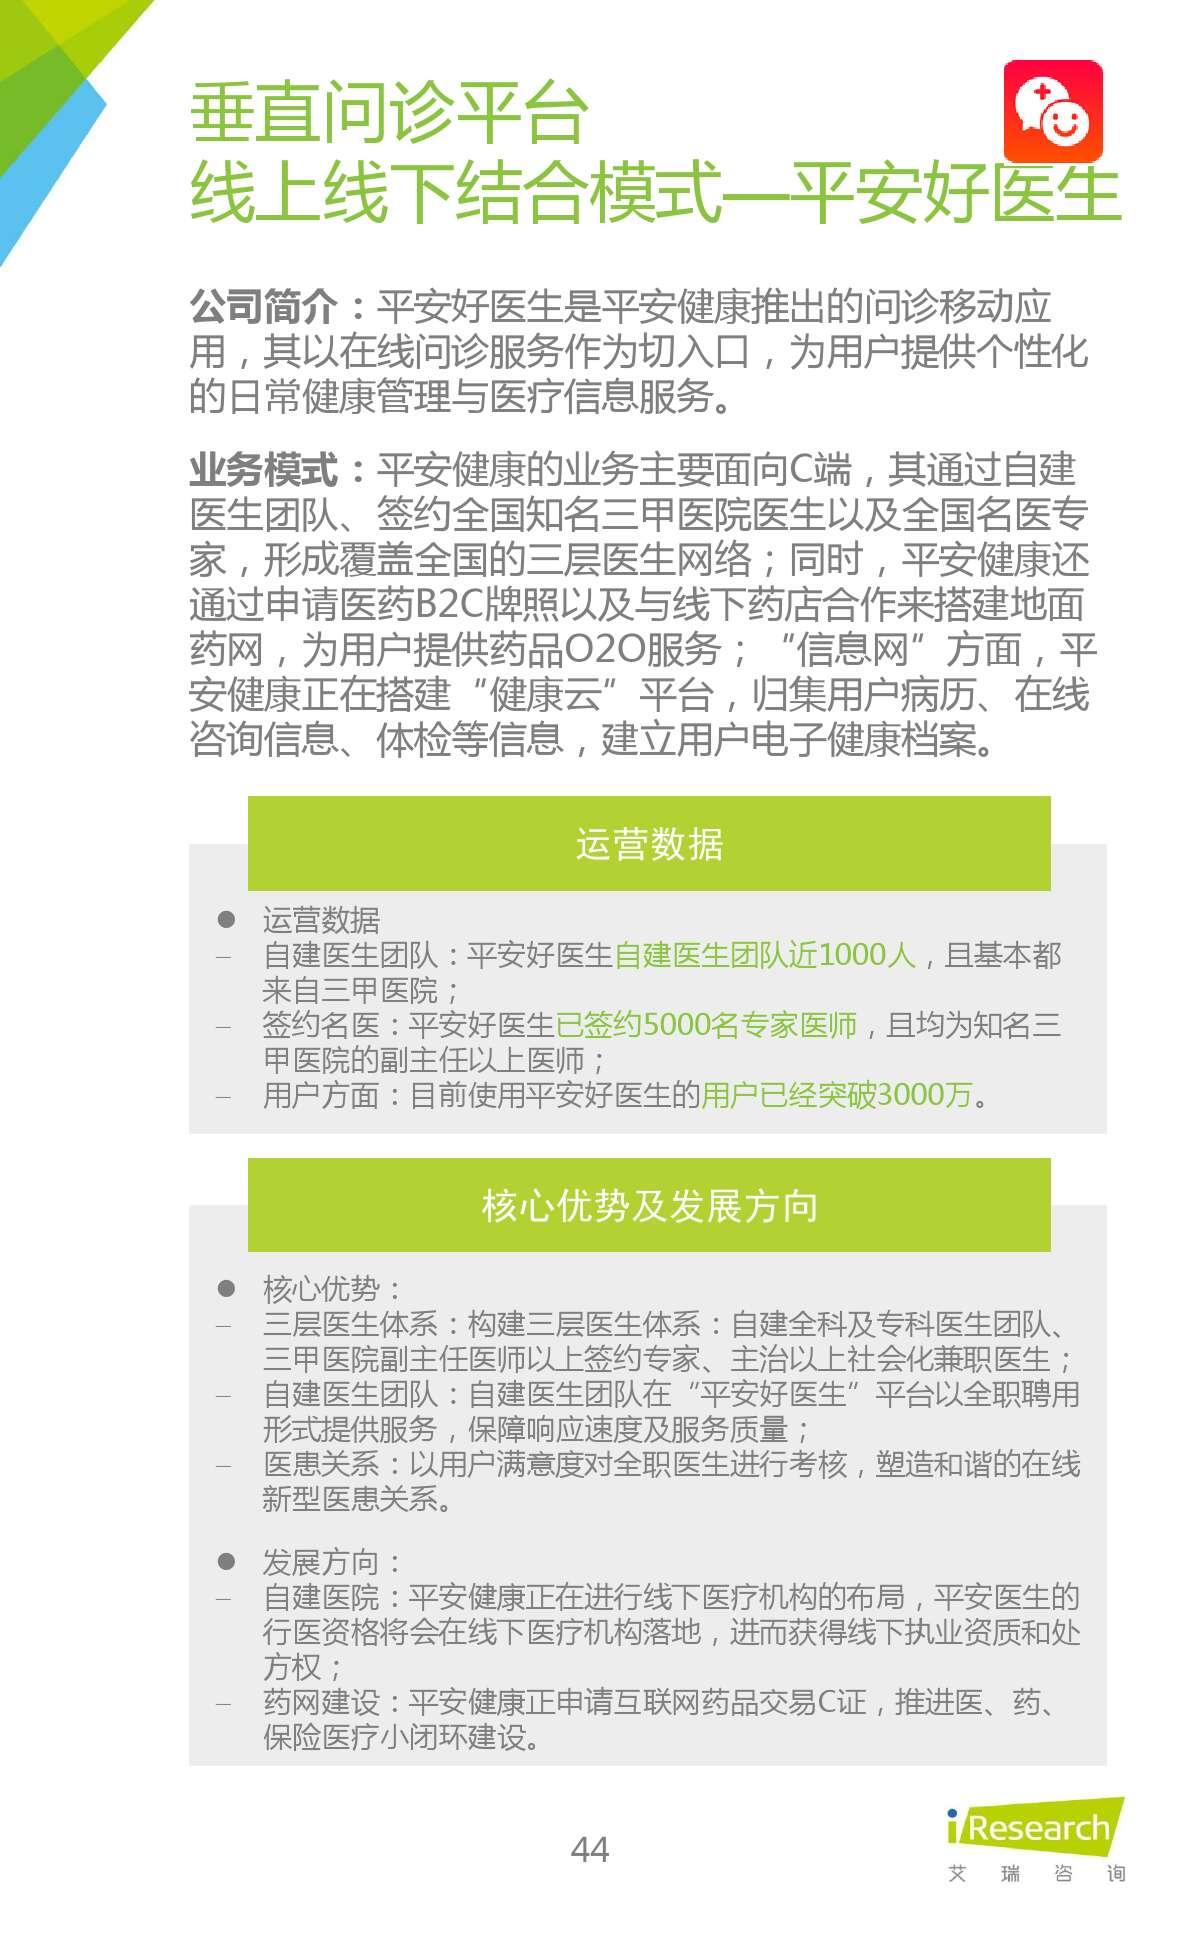 2015年中国在线问诊行业研究报告_000044